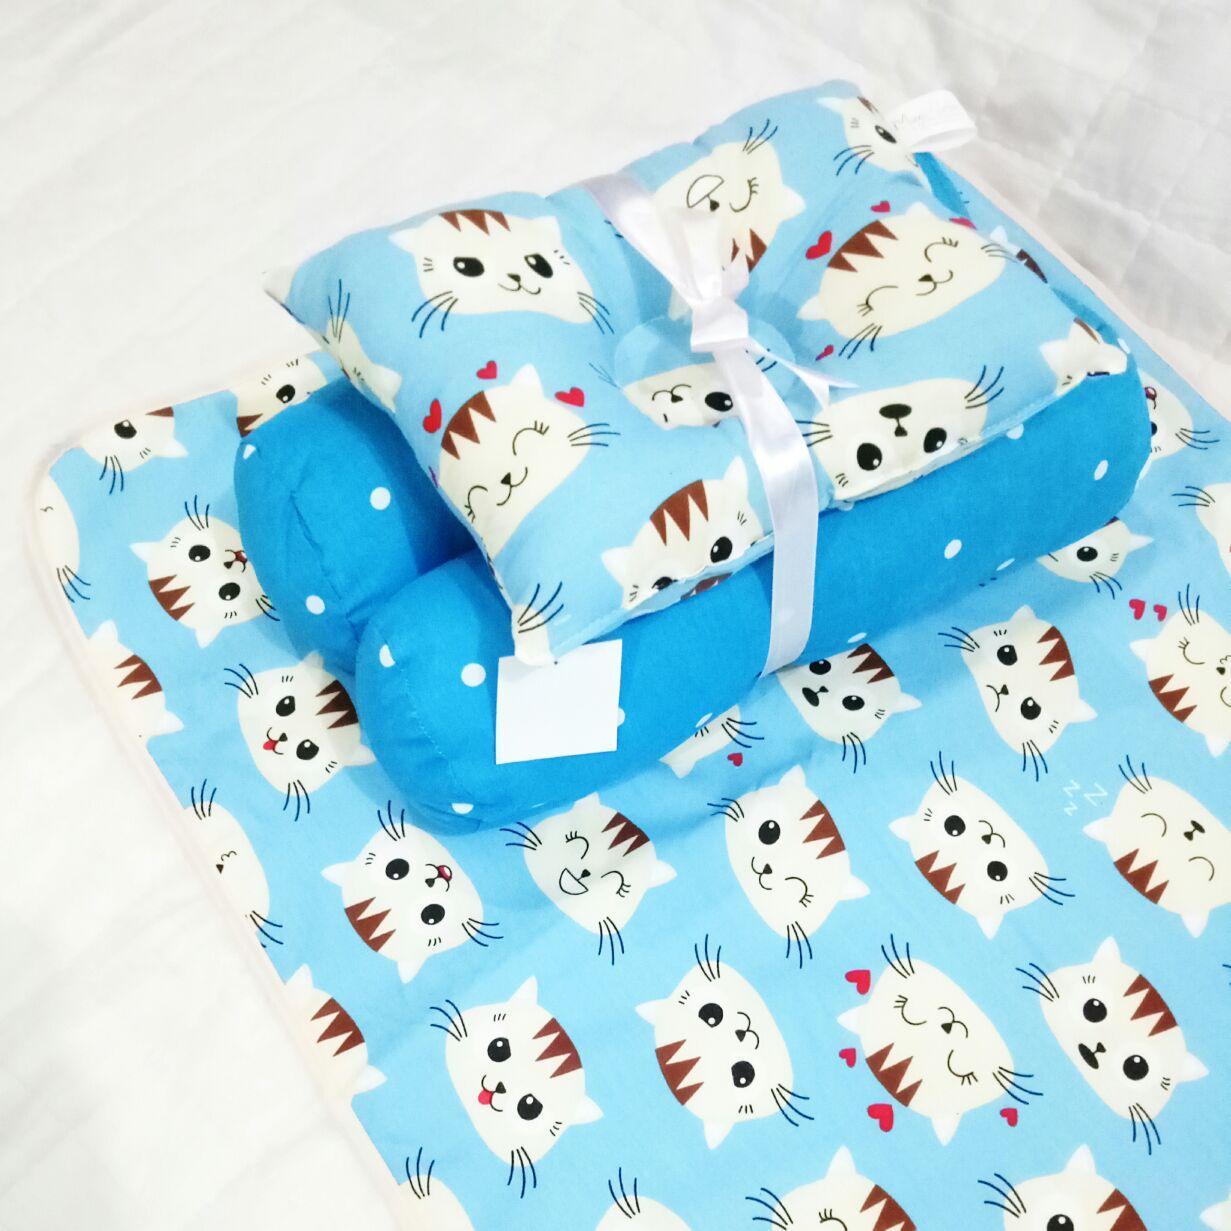 EKSKLUSIF Kado Bayi Baby Bedding Set 4in1 Matras Perlak Set Bantal Peang Plus 2 Guling motif Kucing Biru Lucu